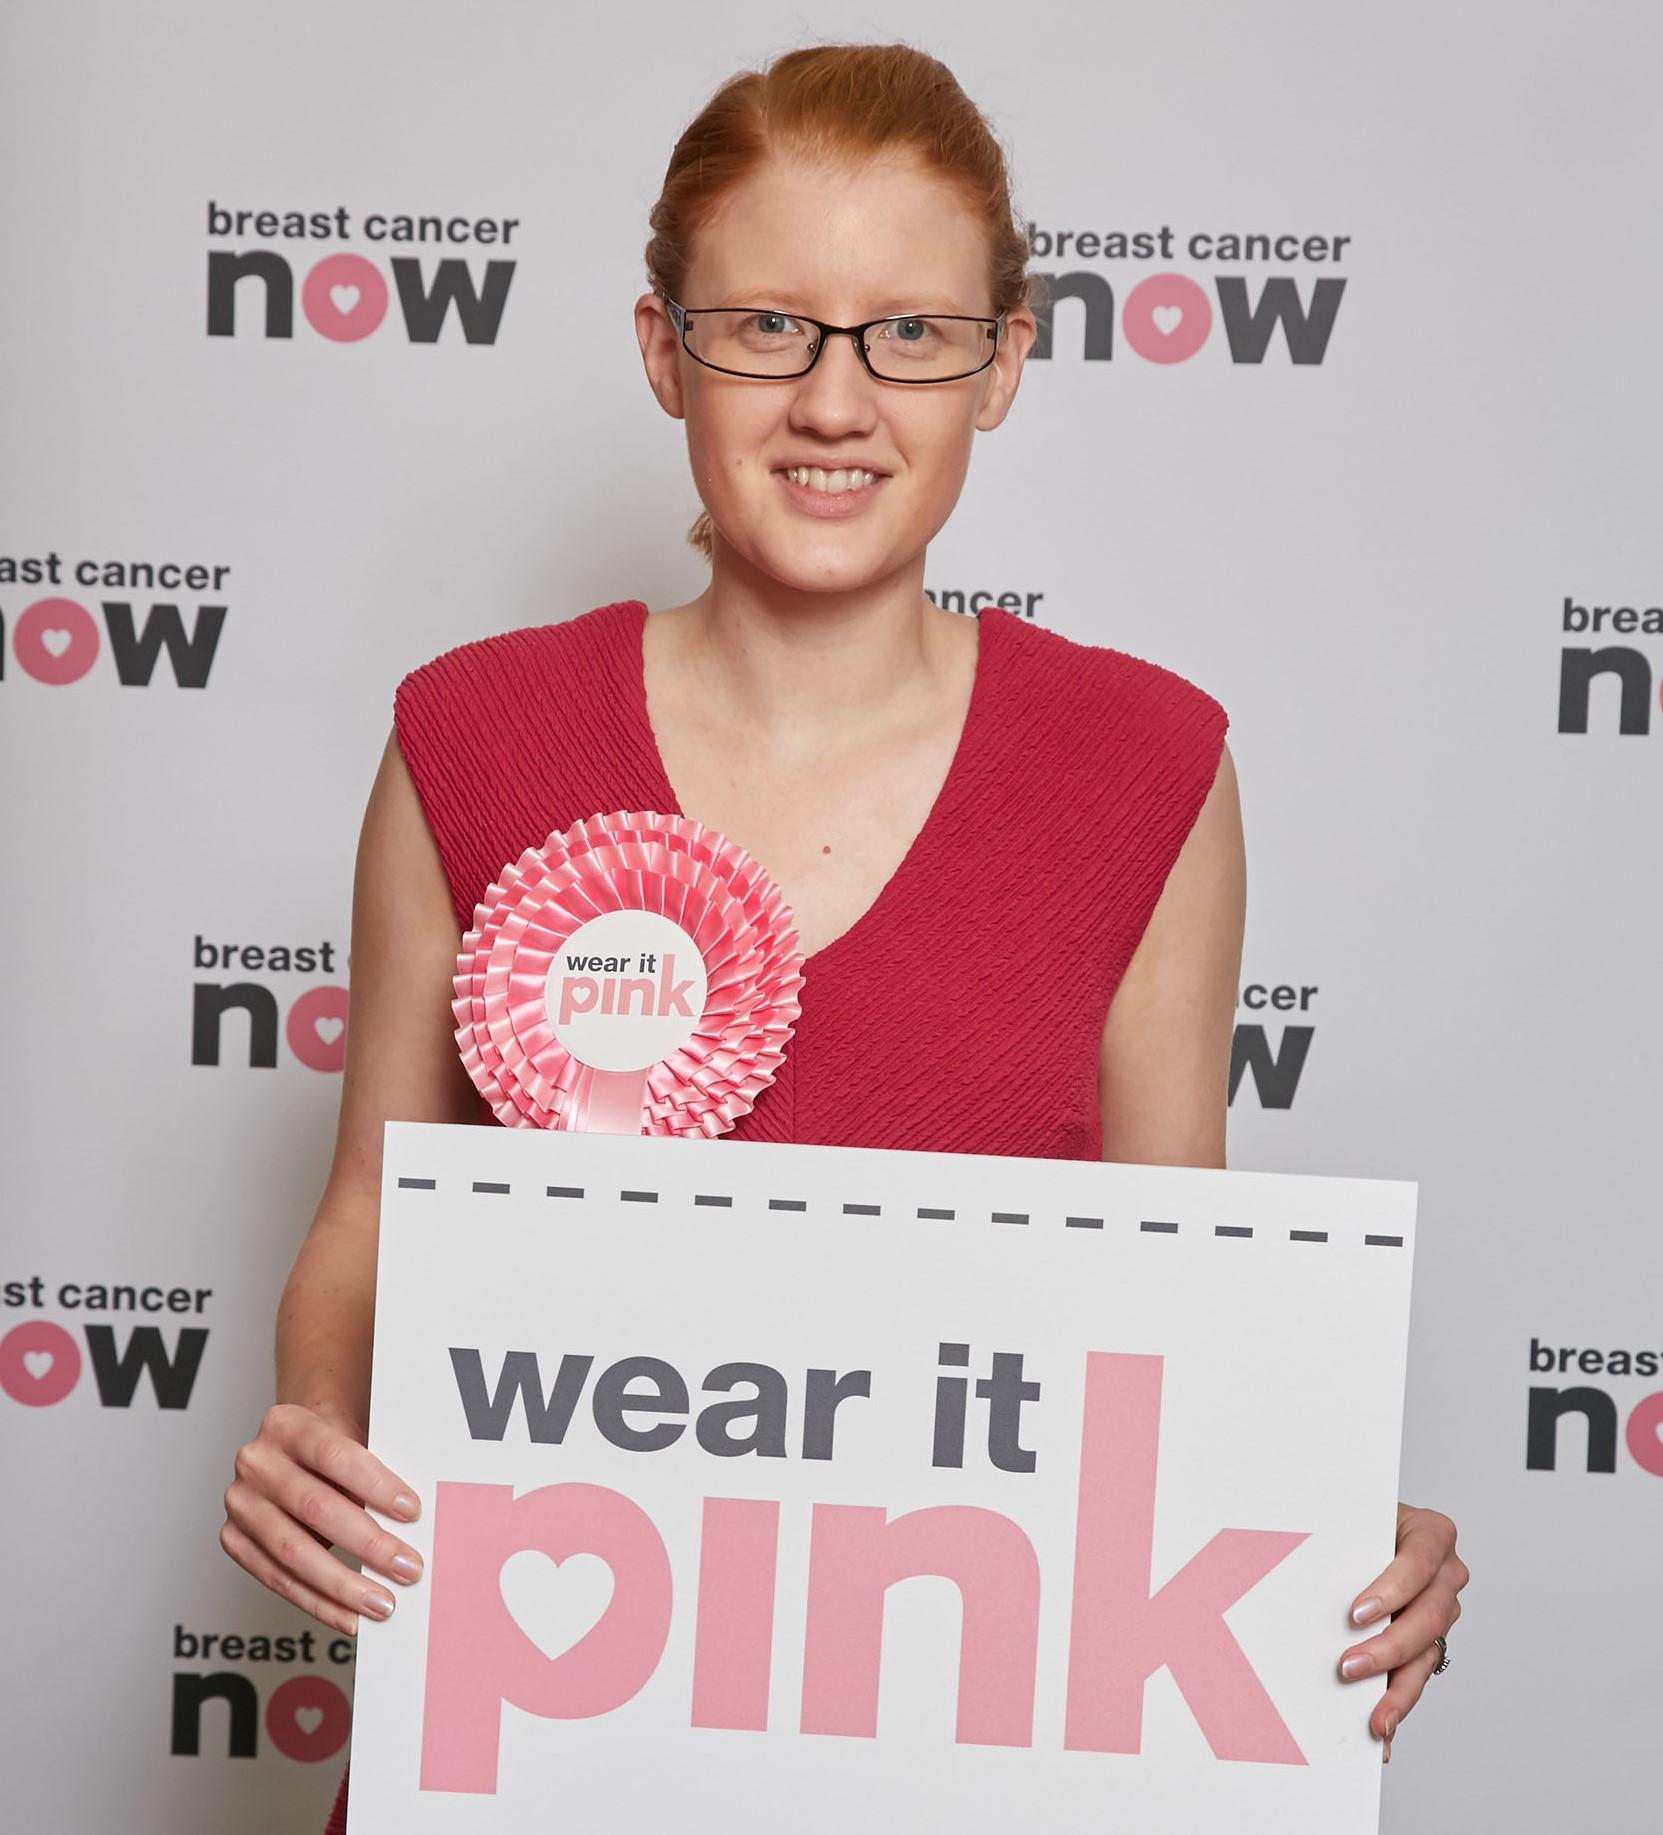 Wear_It_Pink_resized_17.9.15.jpg